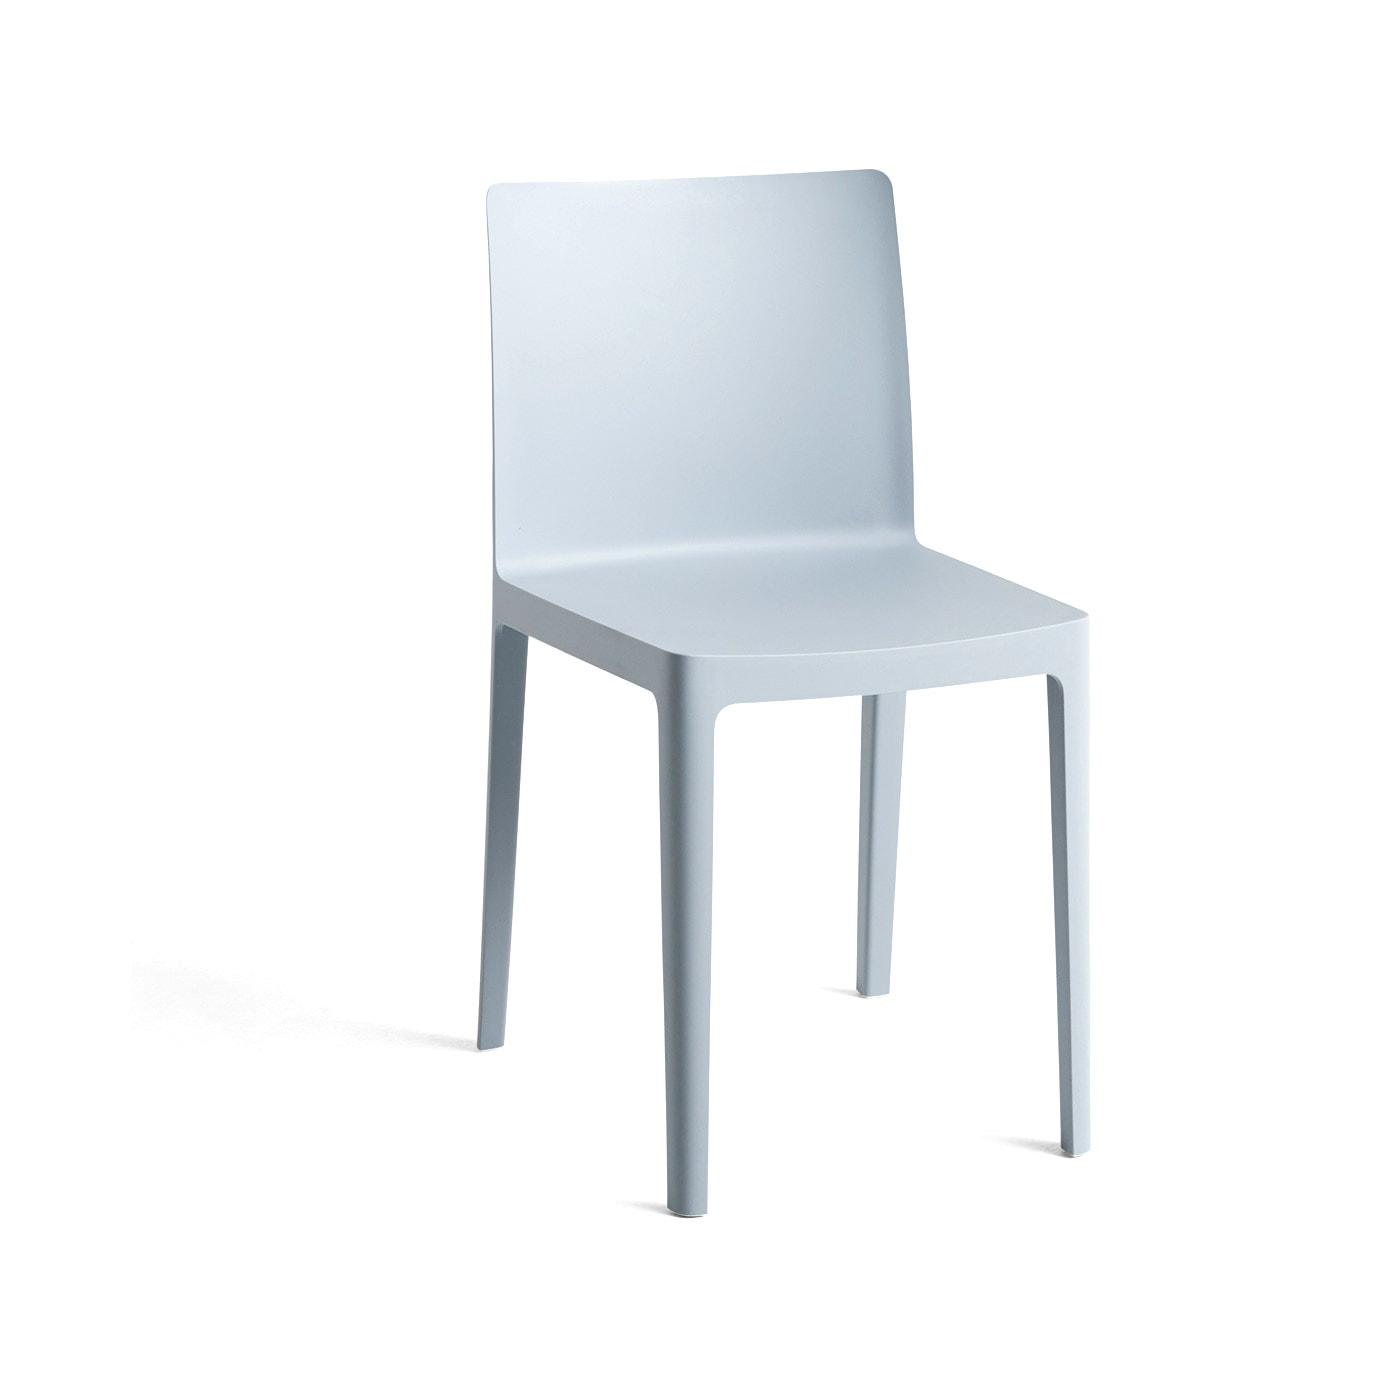 HAY Elementaire sedia blue grey